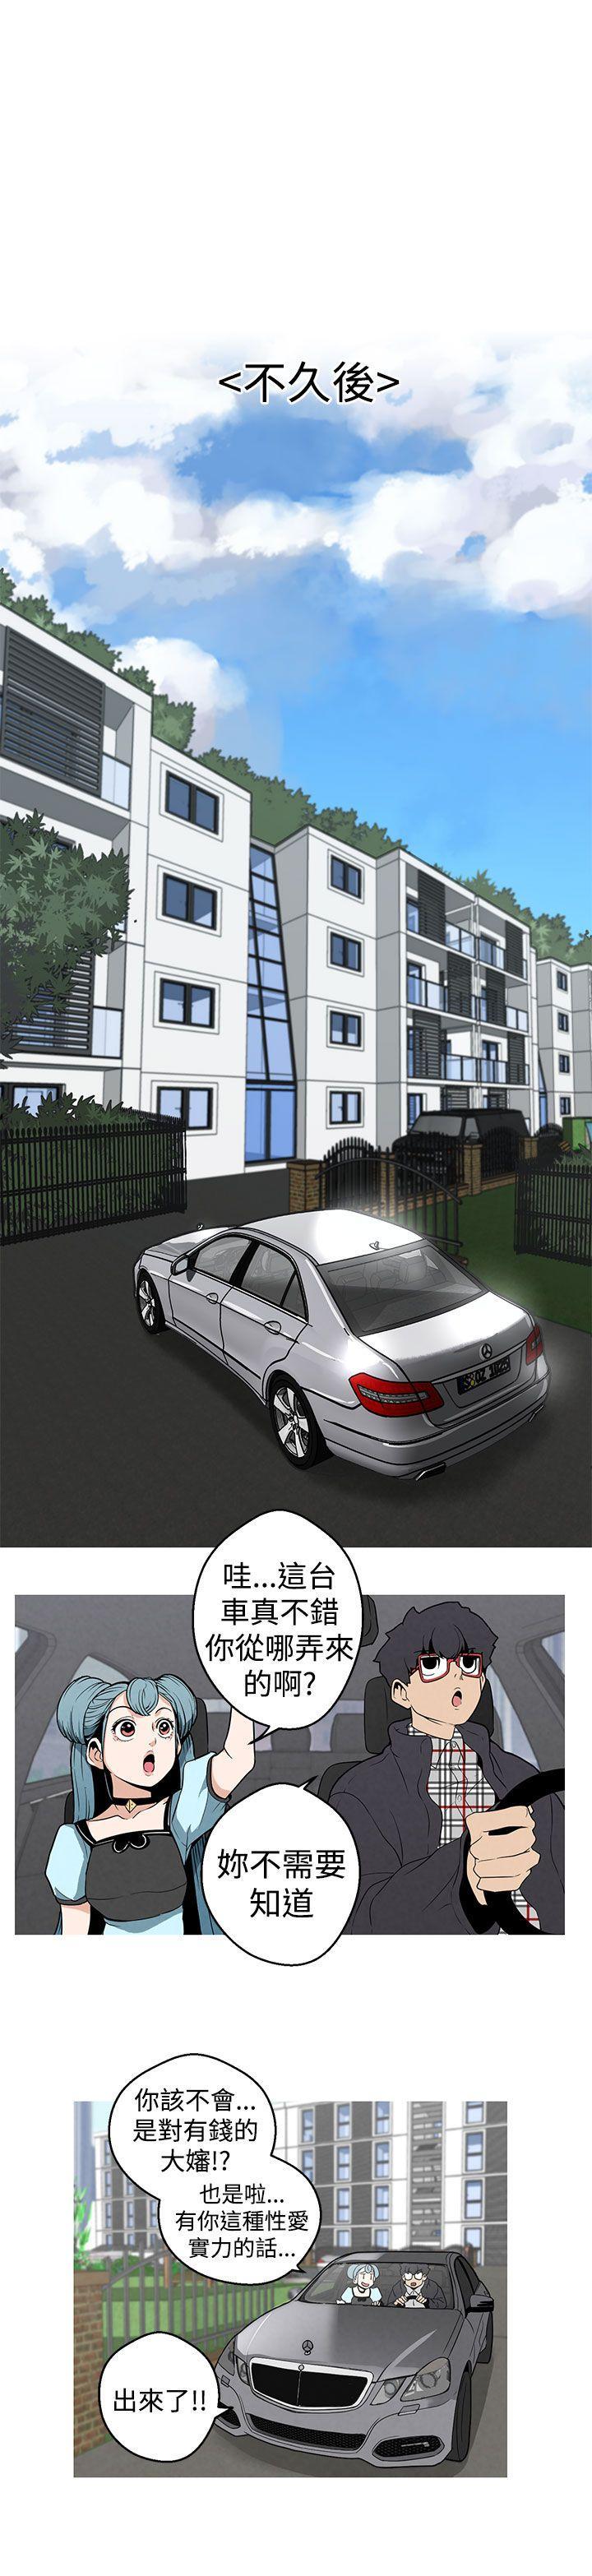 女神狩猎 第1~3話 [Chinese]中文 Harc 90